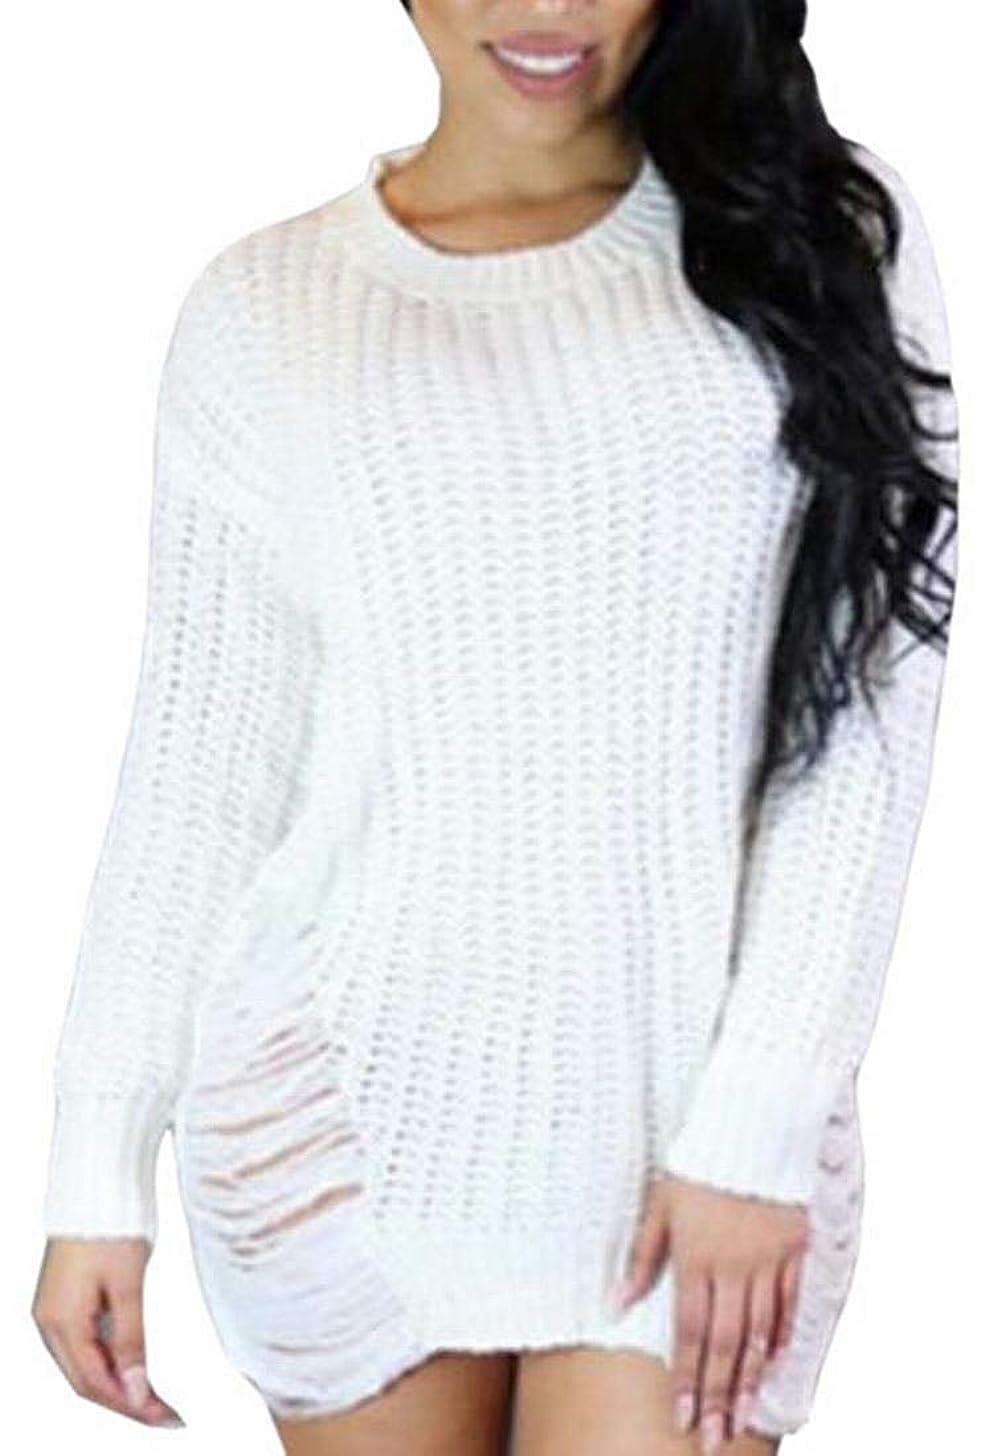 相互接続悪化させる配分女性長袖リッピングホールニットウェアジャンパーヒップスターセータードレス White US Small